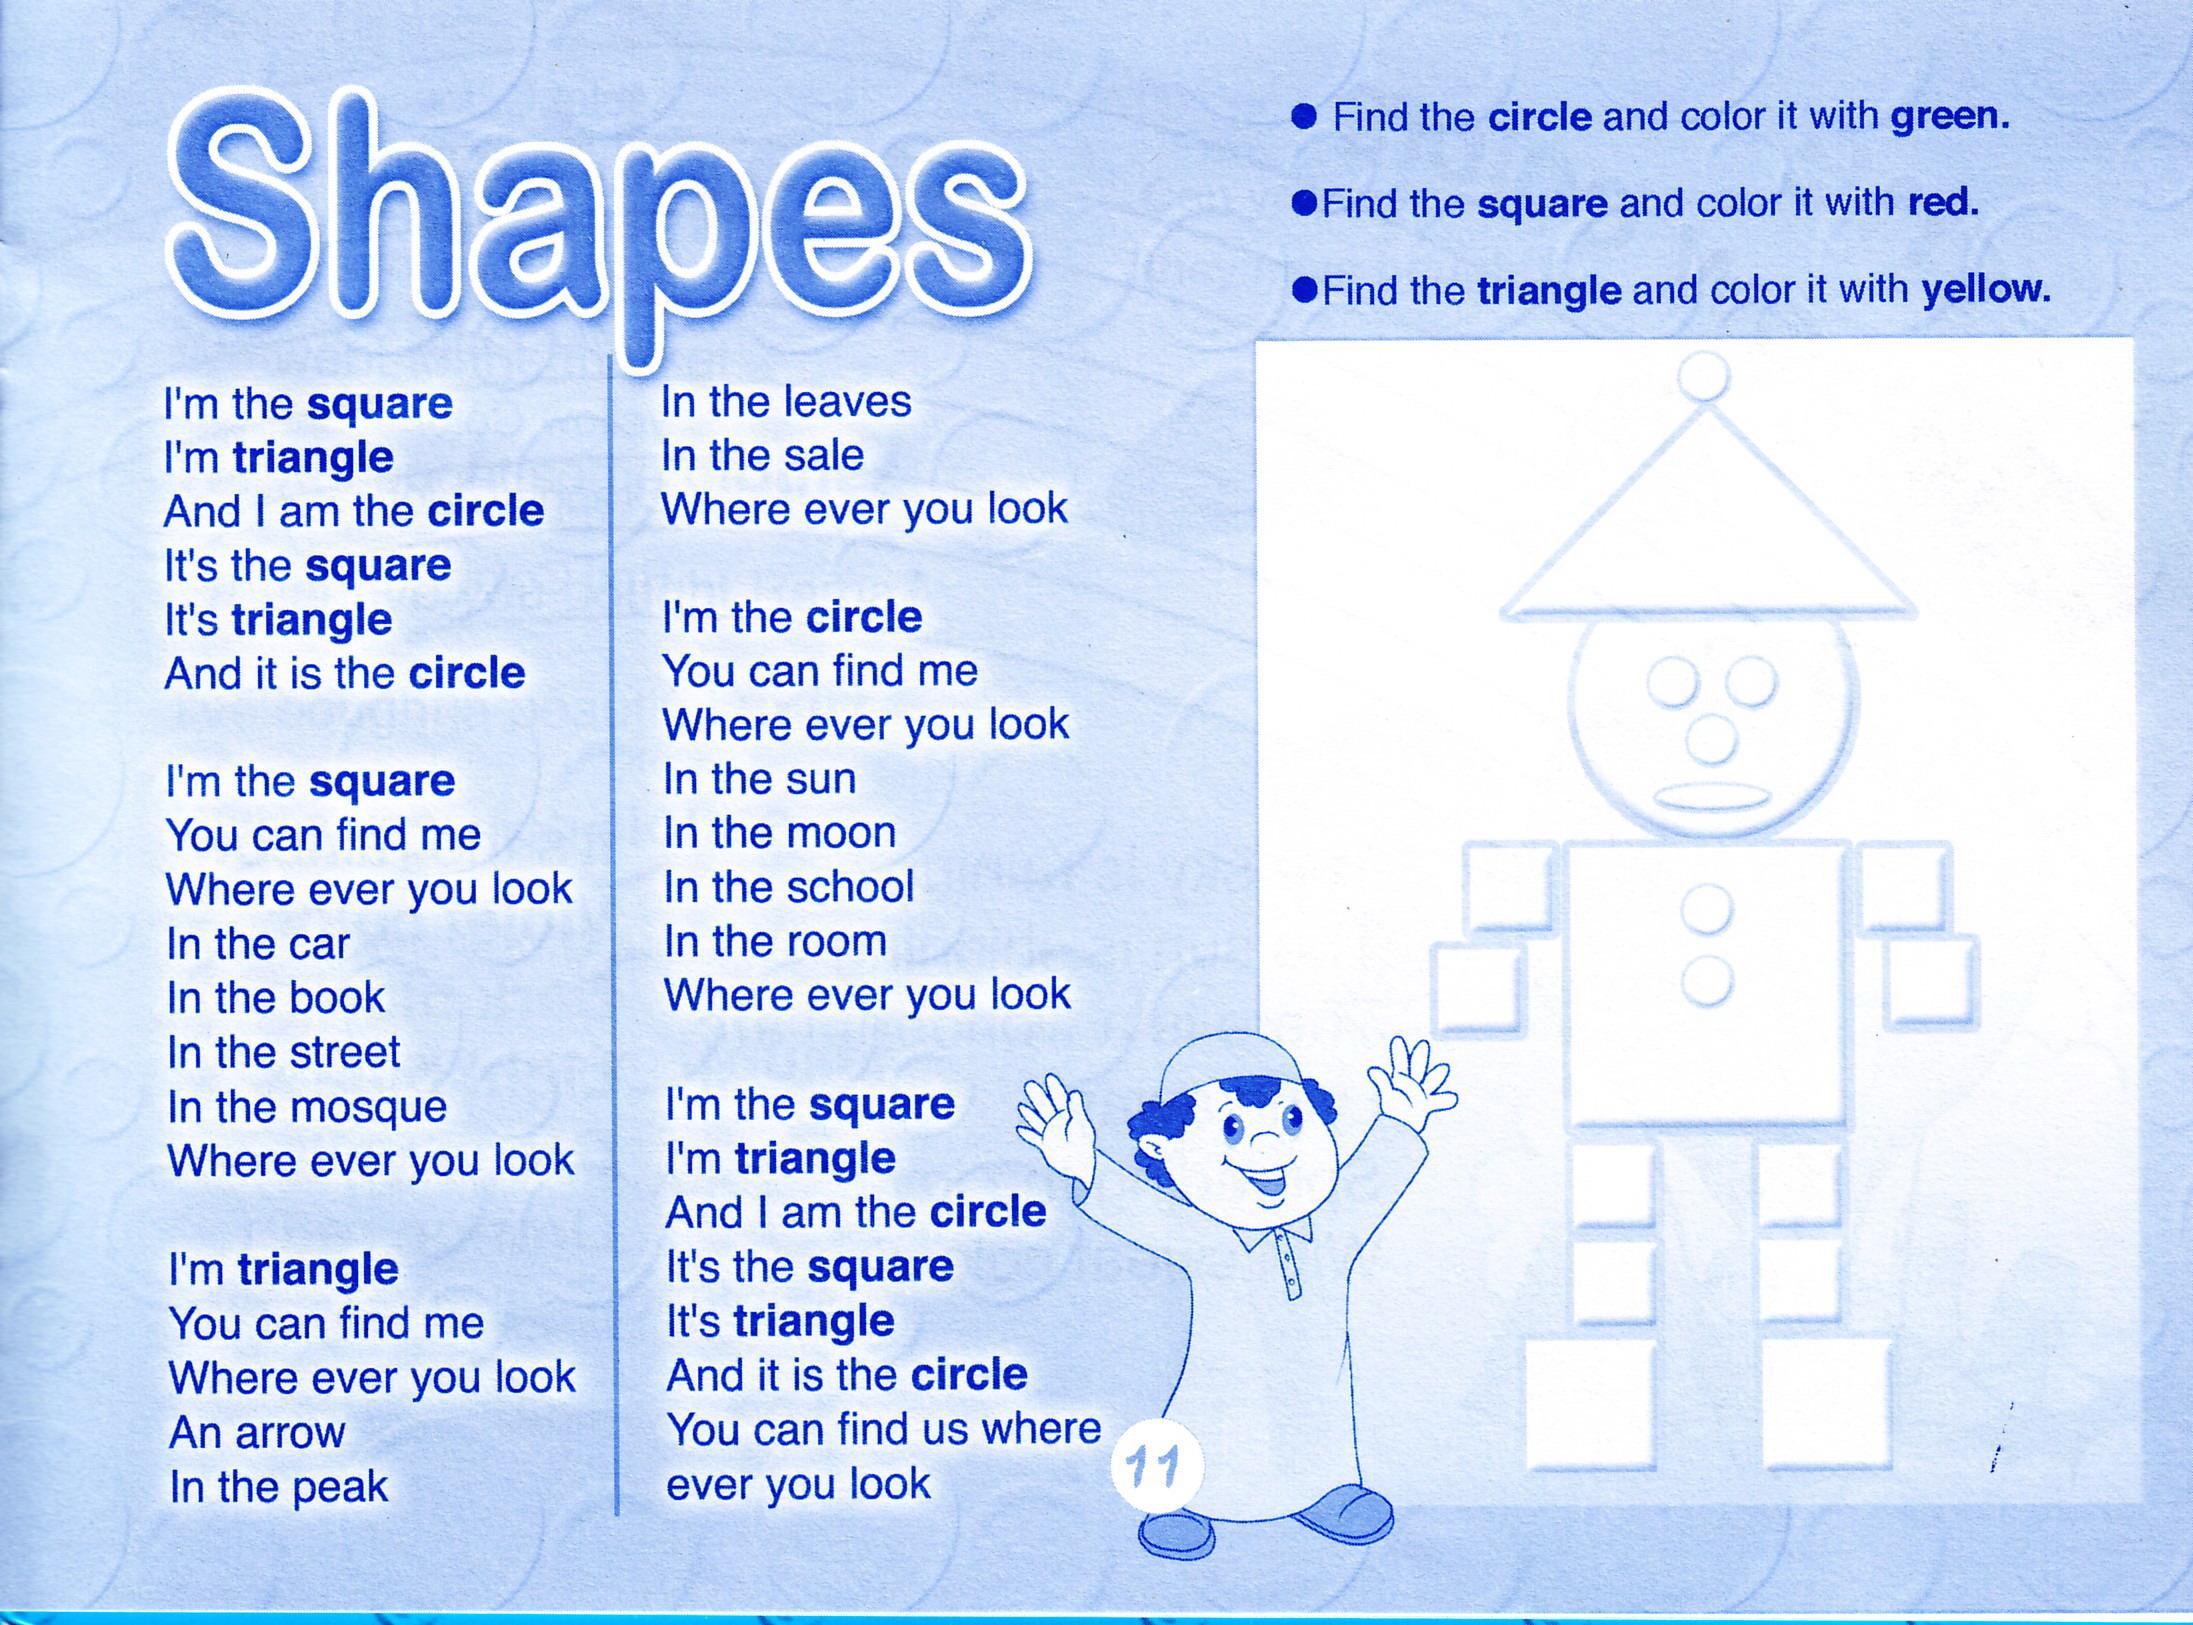 أناشيد باللغة الأنجليزية تعليمية - English songs for kids .. للأطفال 1234_01200096198